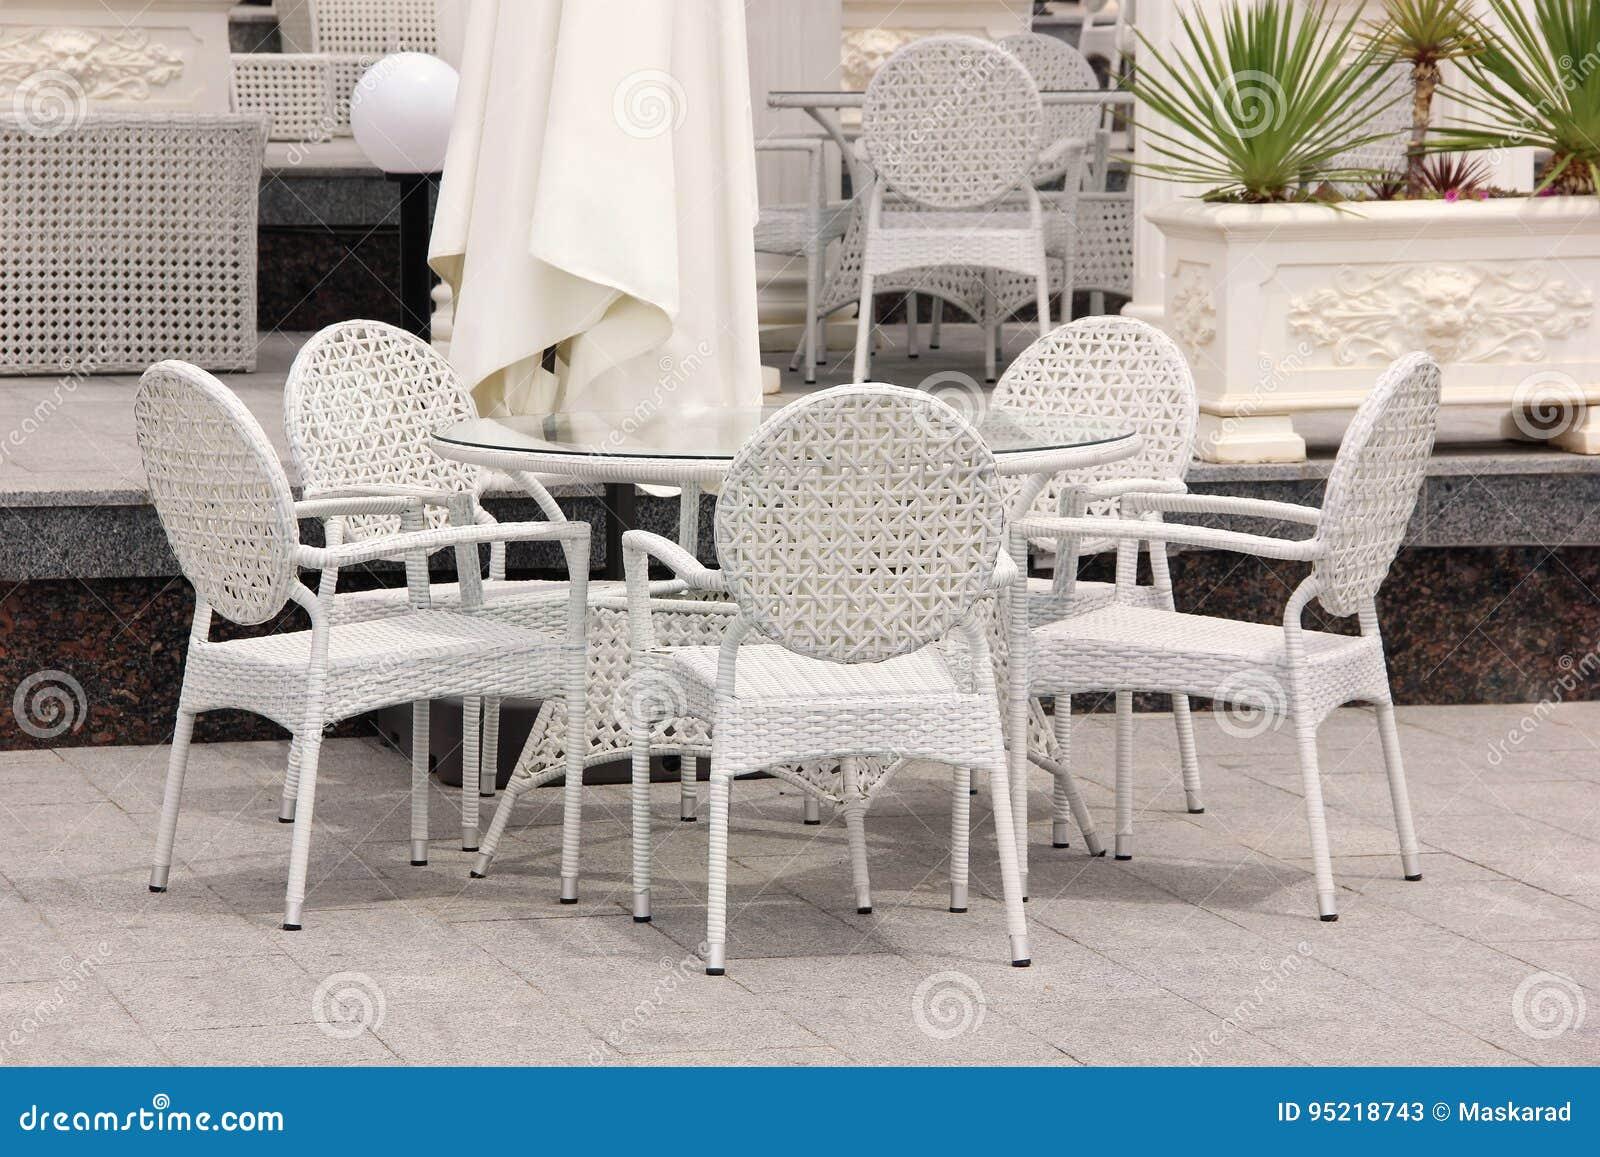 Sedie In Vimini Bianche.Tavola E Sedie Di Vimini Bianche Nel Caffe Della Via